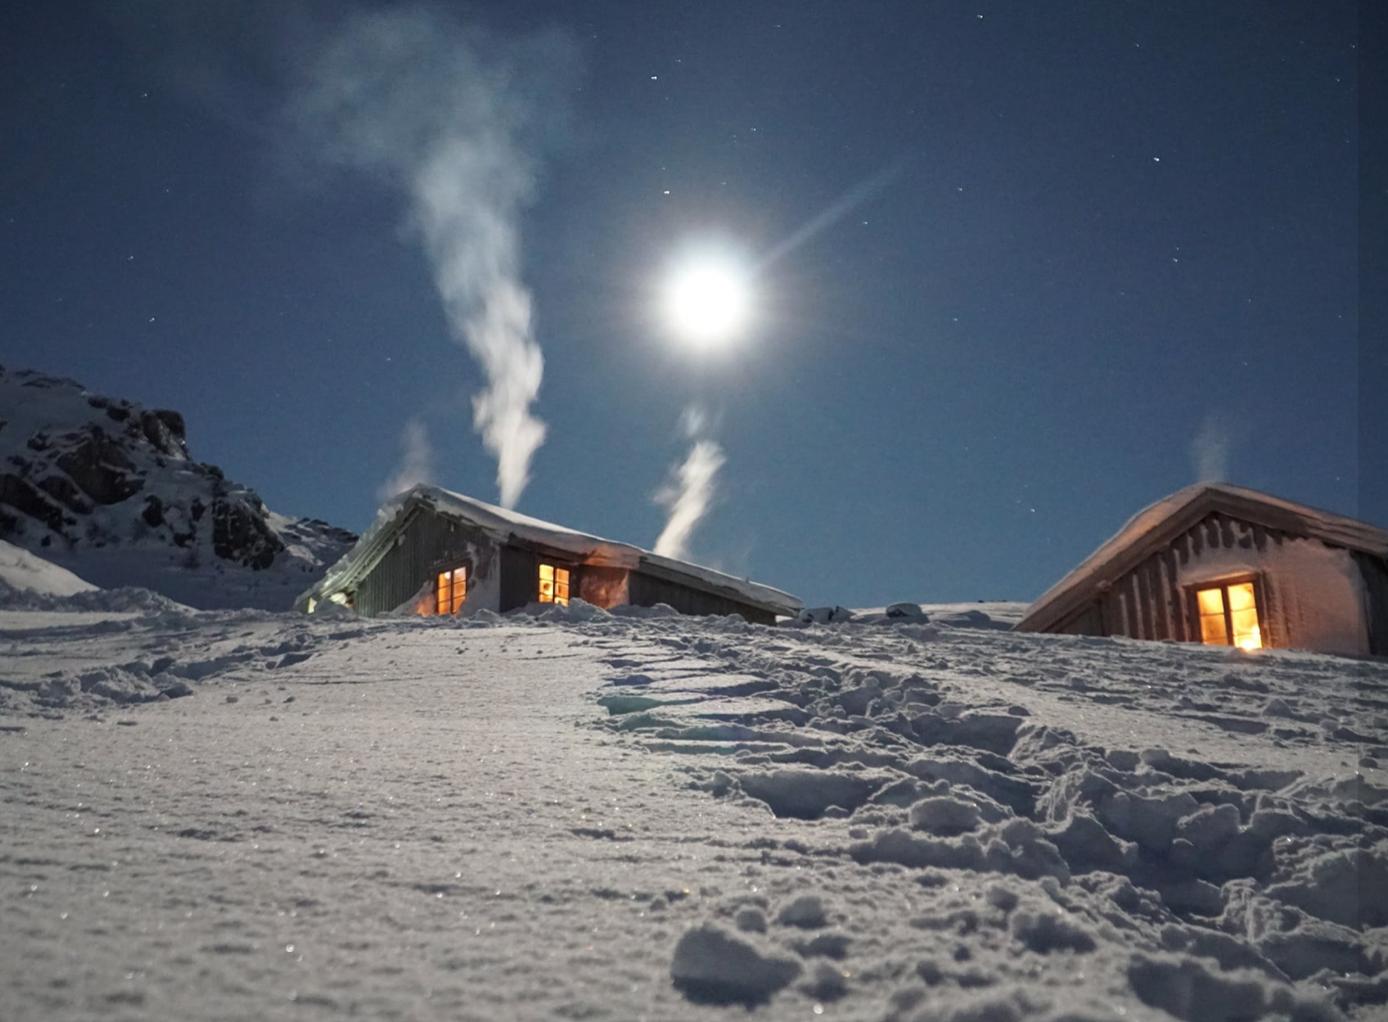 Et bilde som inneholder himmel, utendørs, snø, natur  Automatisk generert beskrivelse